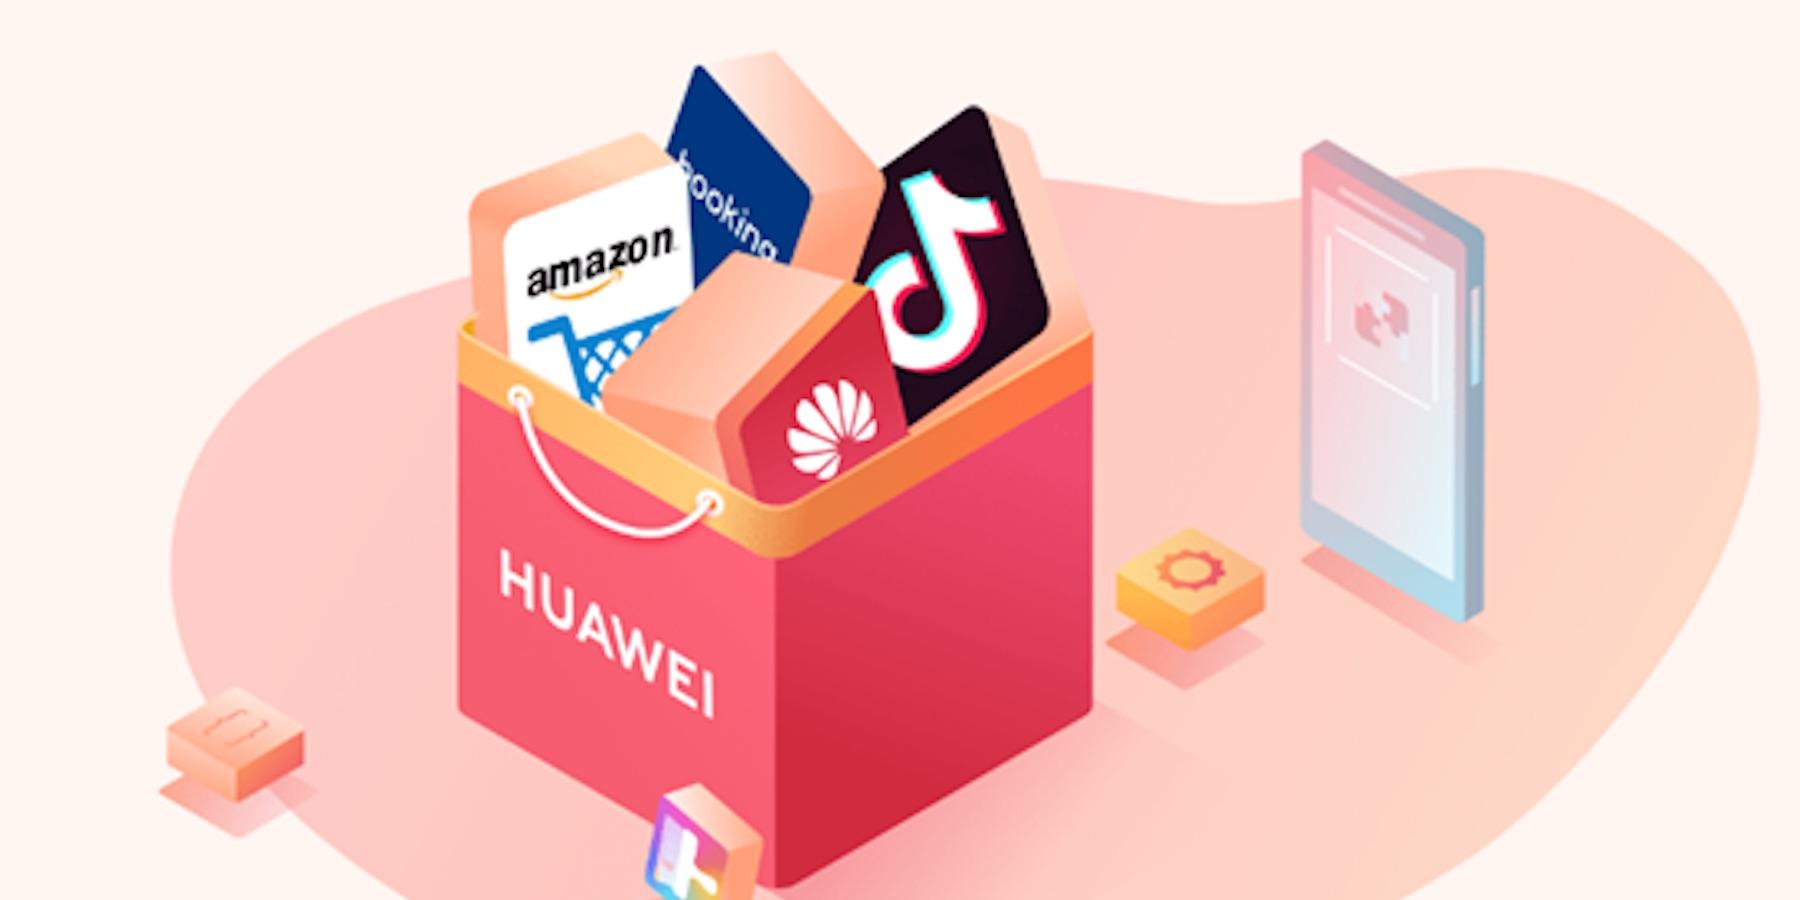 Nola instalatu aplikazioak AppGallery-n ez dauden Huawei smartphoneetan?  Horretarako aplikazio bat dago